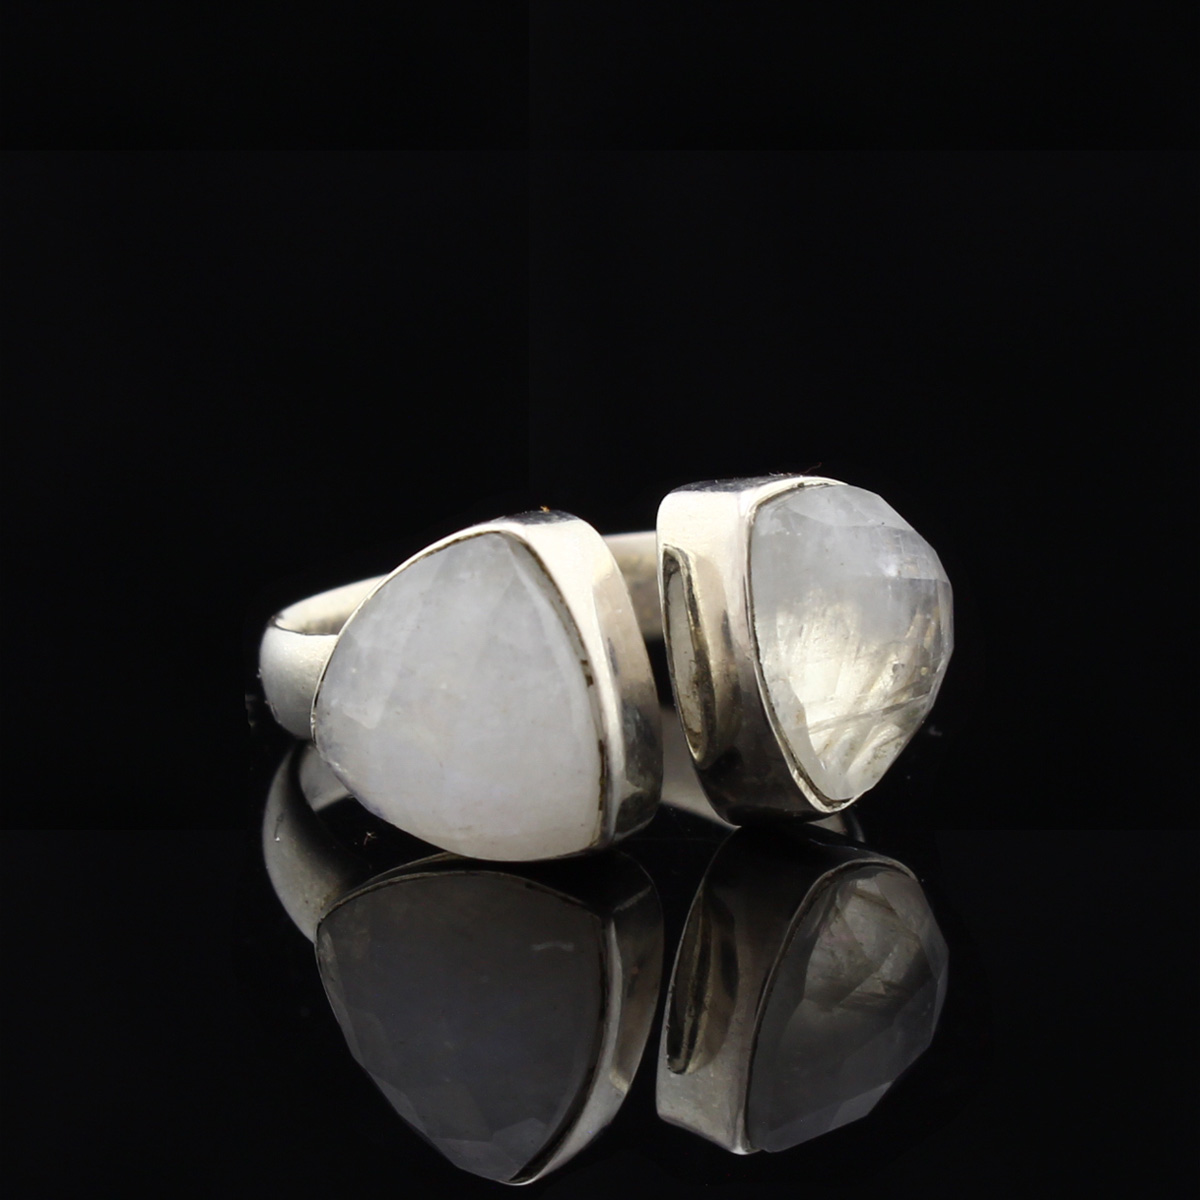 Кольцо, серебро, натуральный камень, Лунный камень, 4.0 г, проба 875, размер 17.5